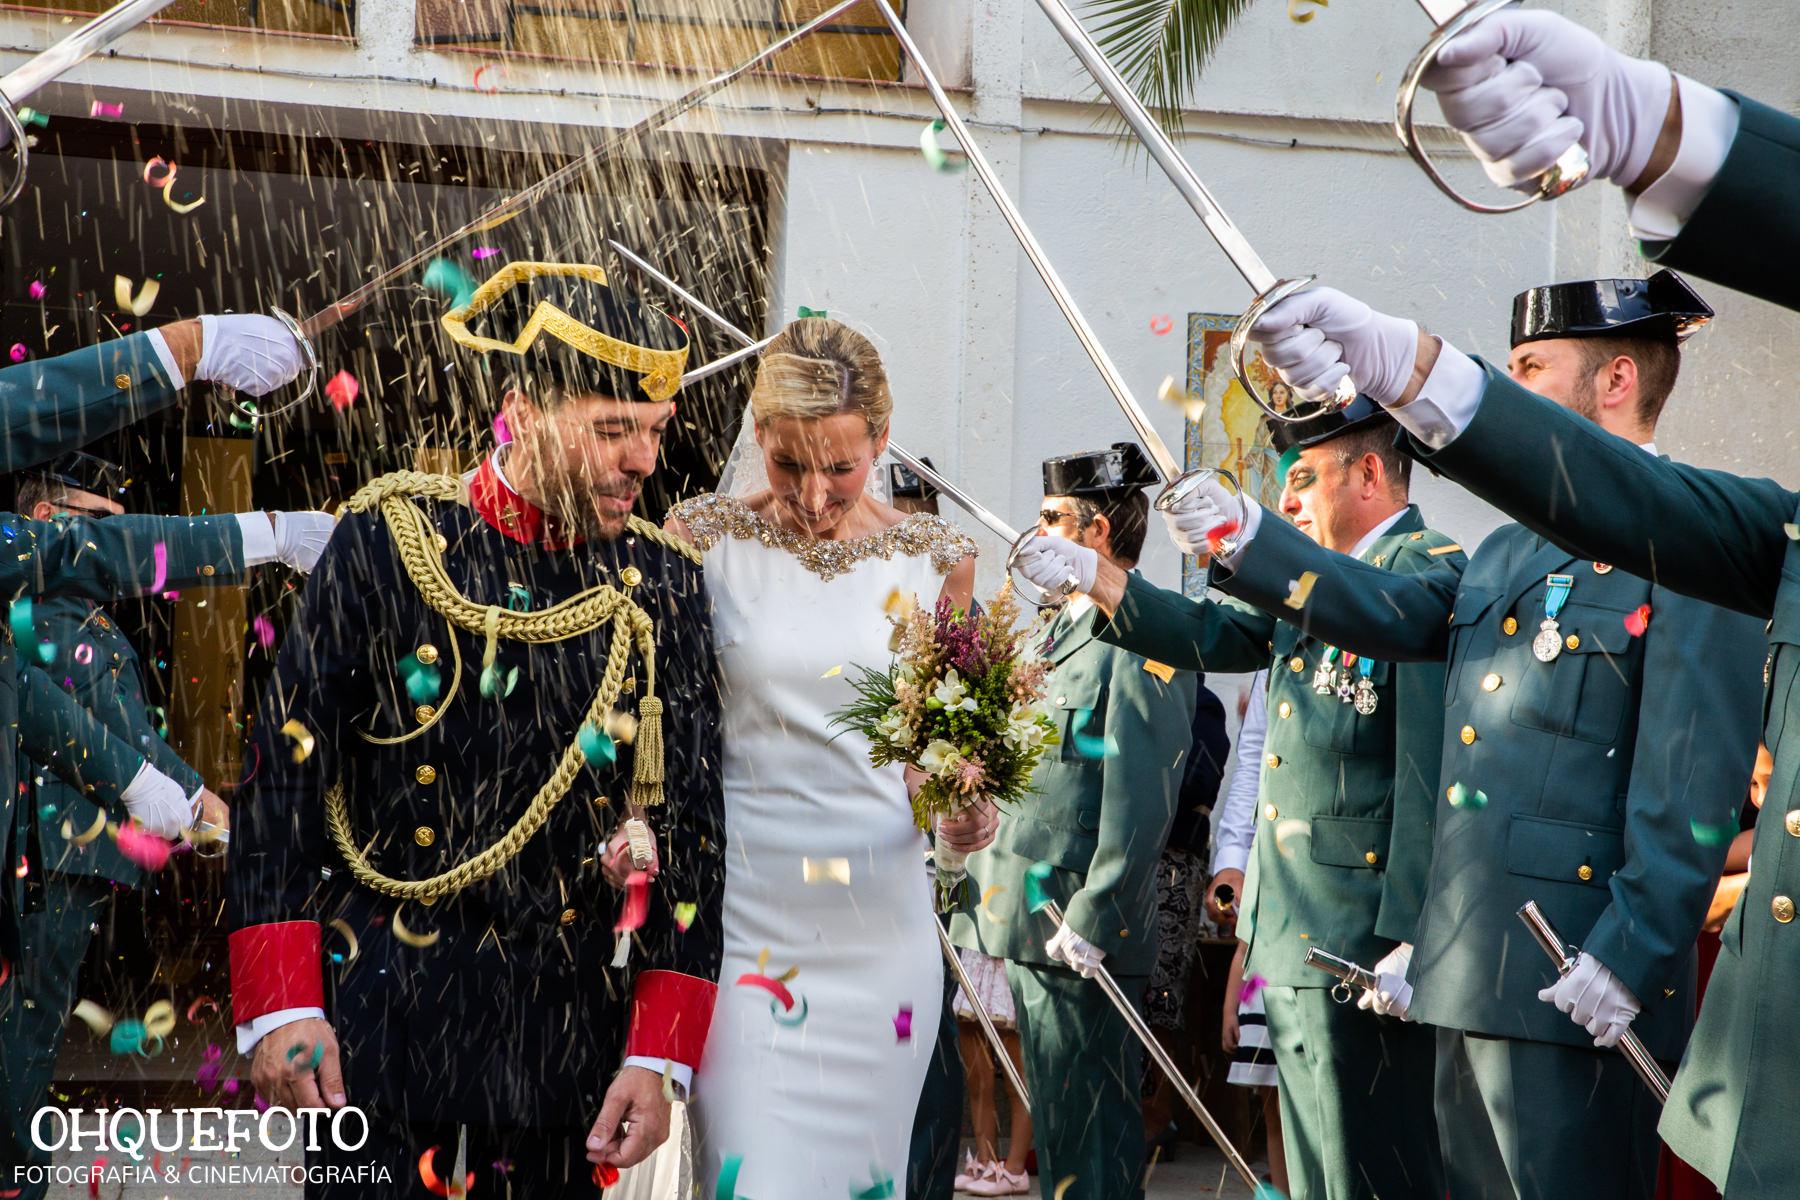 boda en la peraleda boda en cabeza del buey boda en capilla reportaje de bodas en almaden video de bodas en cordoba461 - Jose y Gema - Boda en Zarza Capilla y la Finca La Peraleda (Chillón)